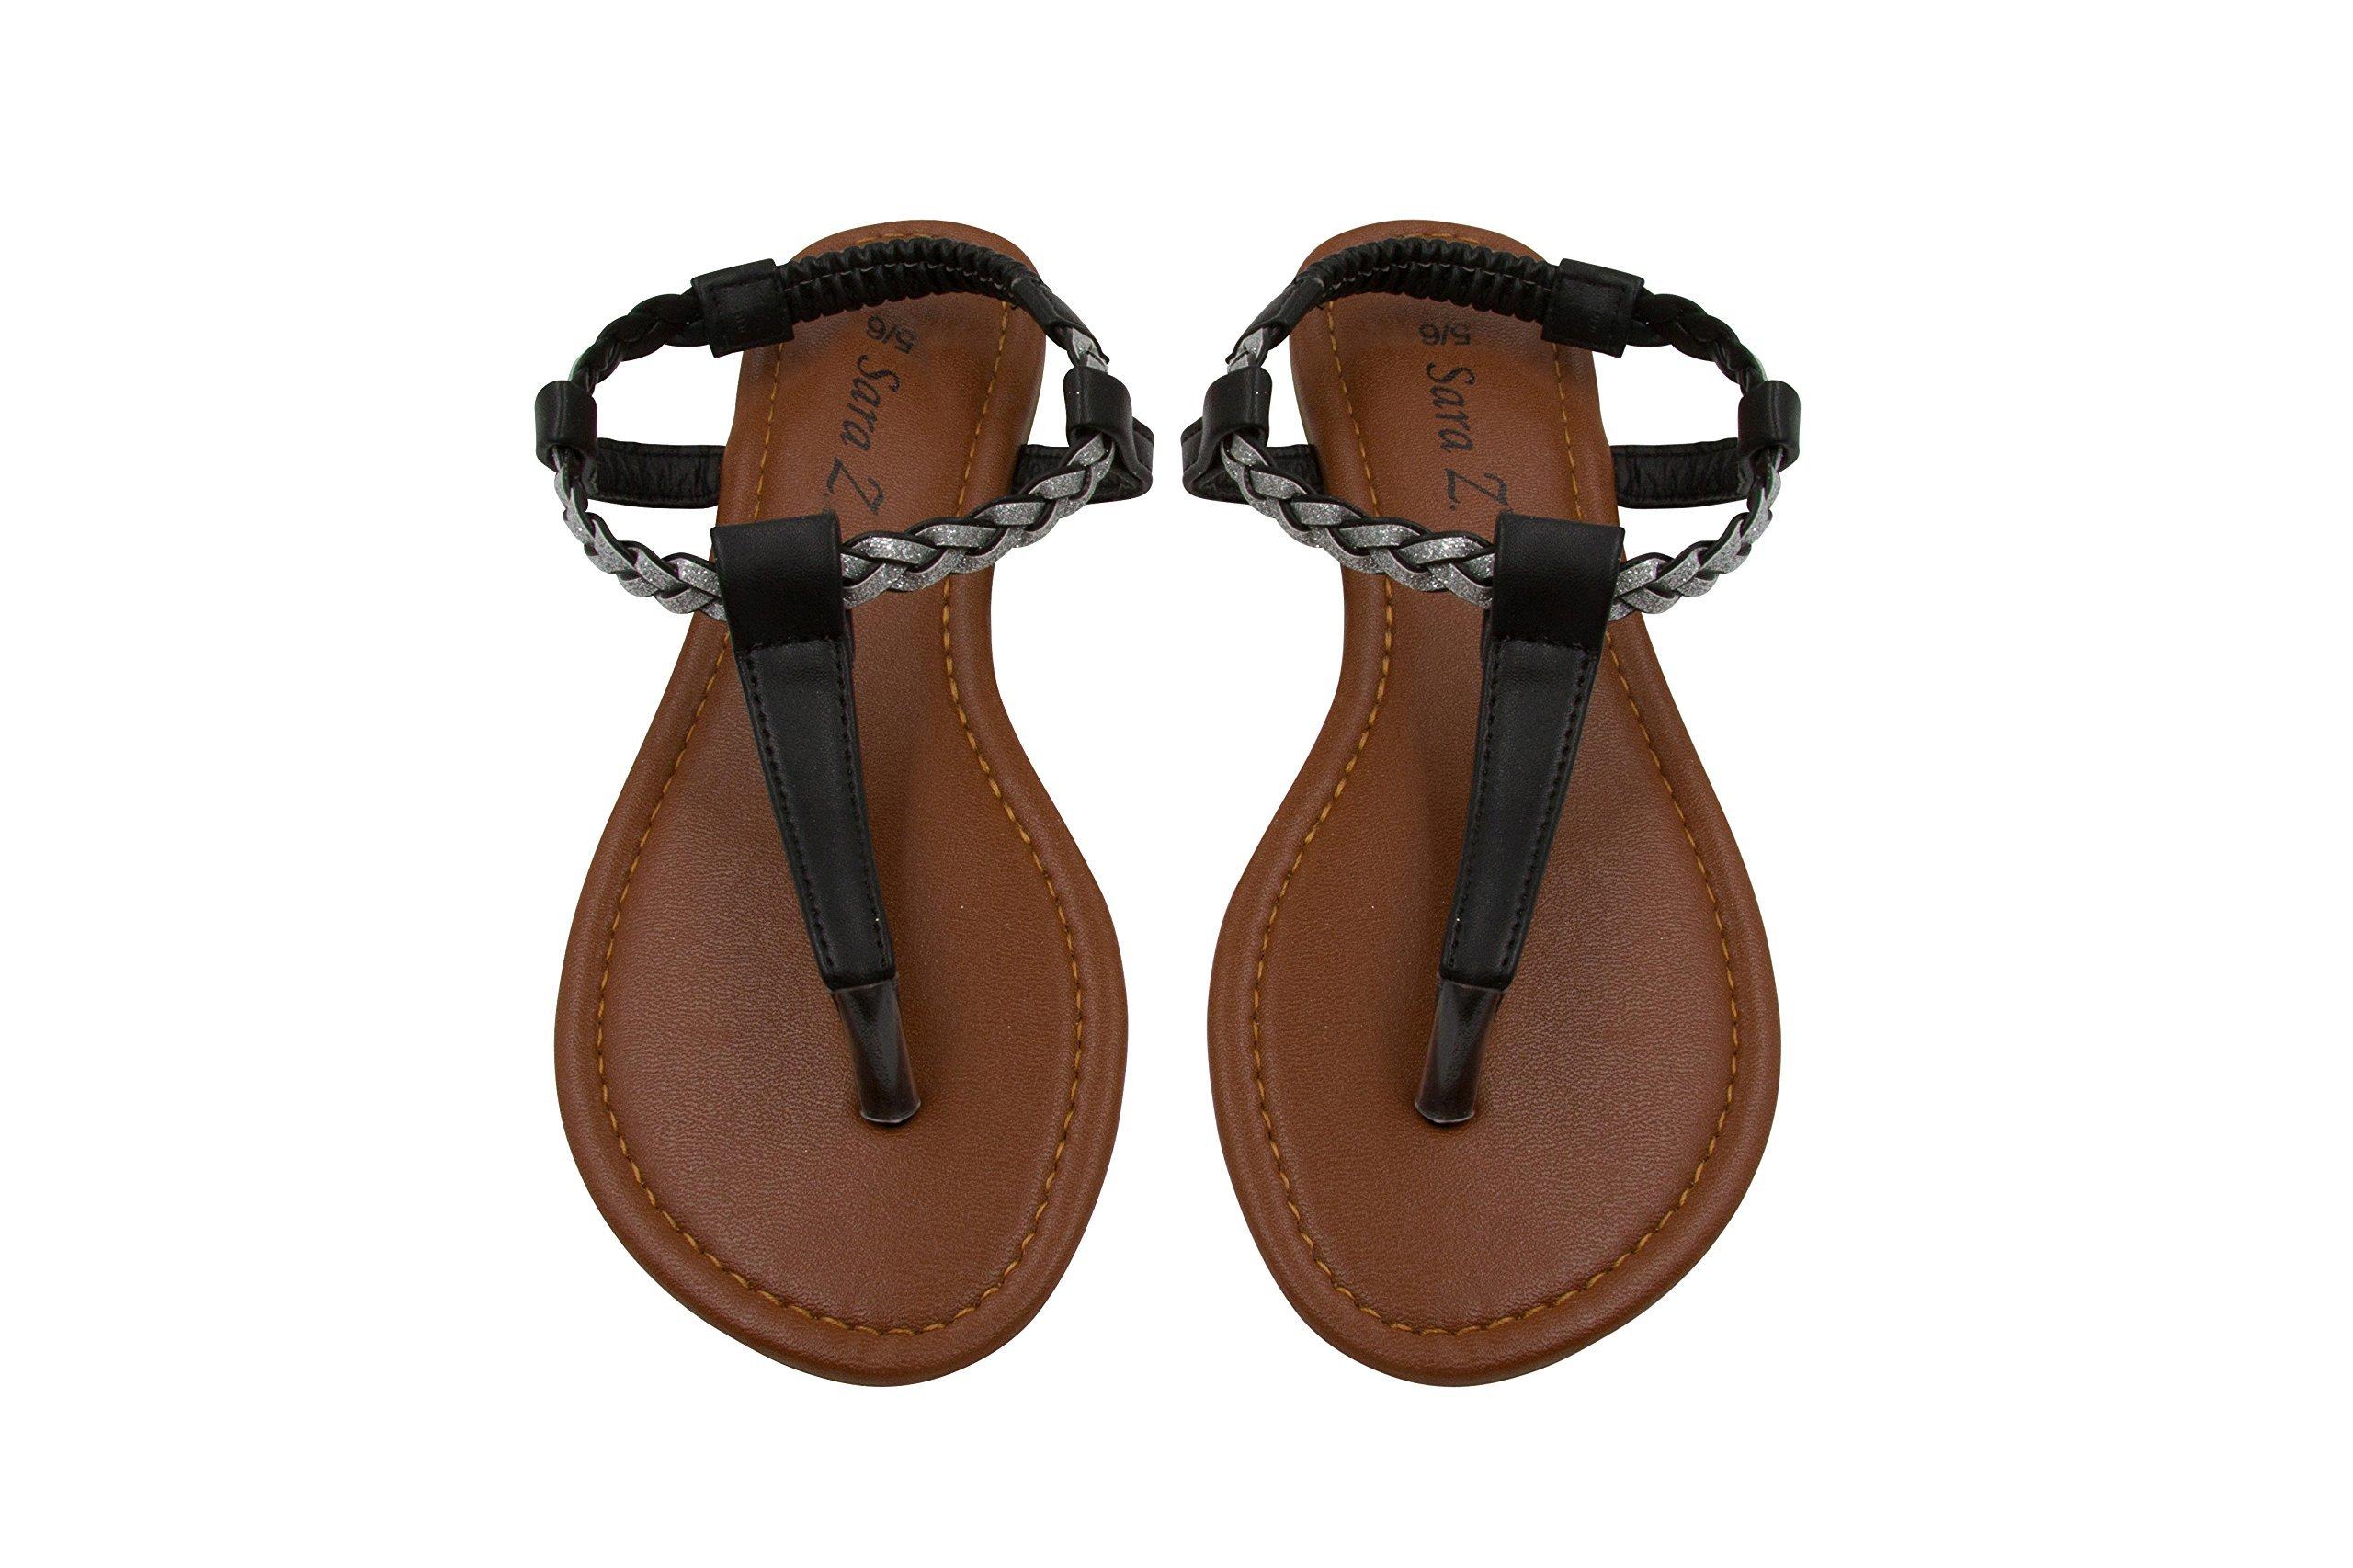 Sara Z Womens T Strap Size Thong Sandal Glitter Braid Ankle Strap Size 5/6 Black/Silver